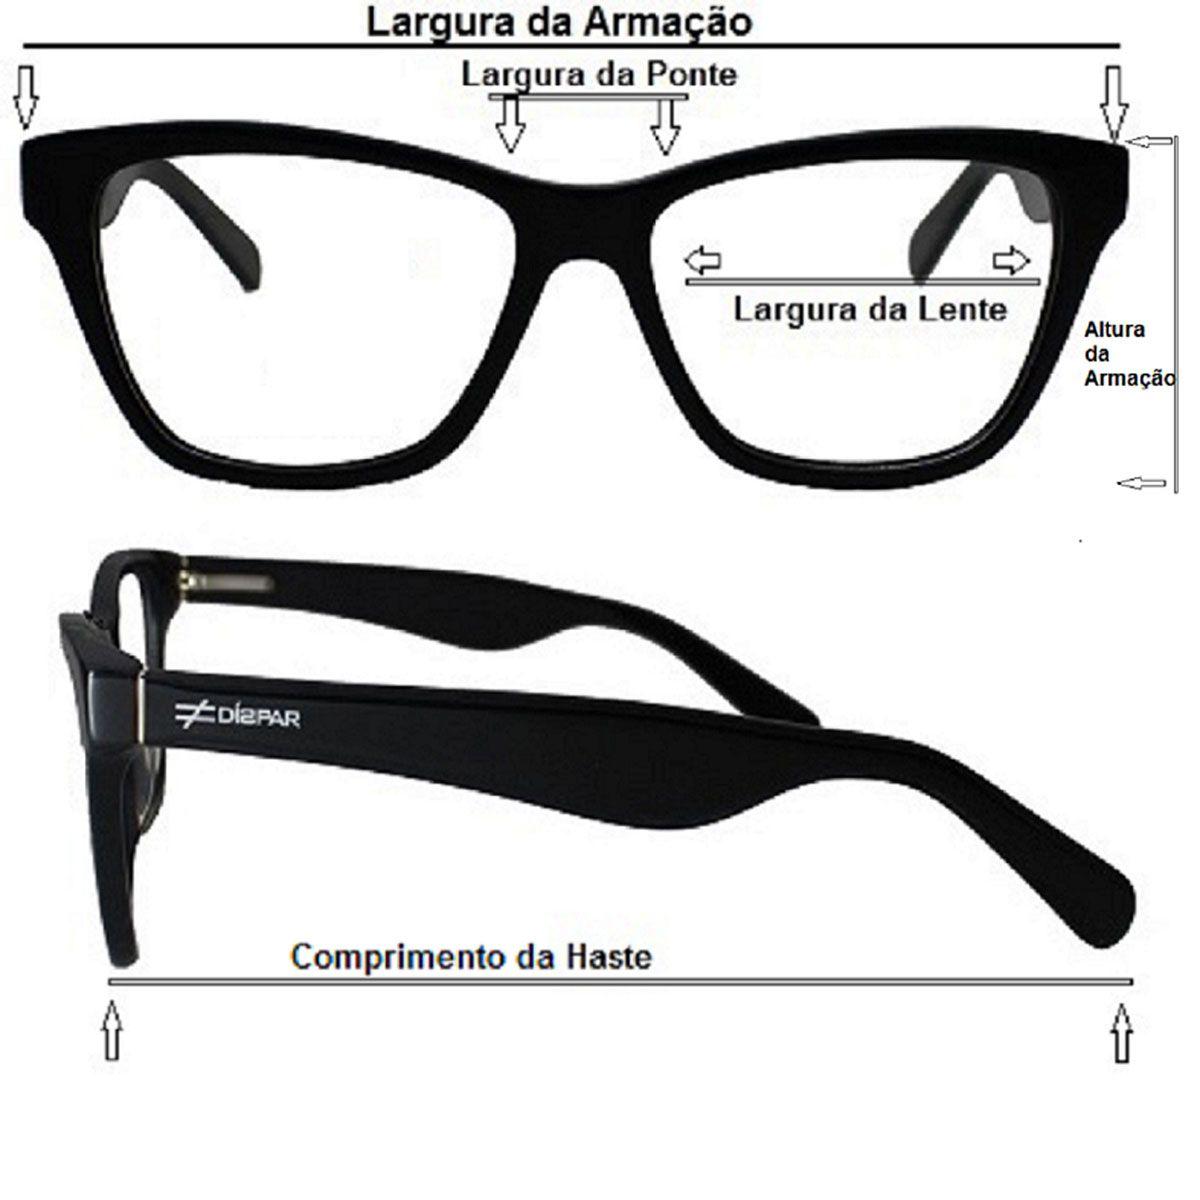 Armação para Óculos Díspar D2248 Clip On 2 Lentes - Fumê